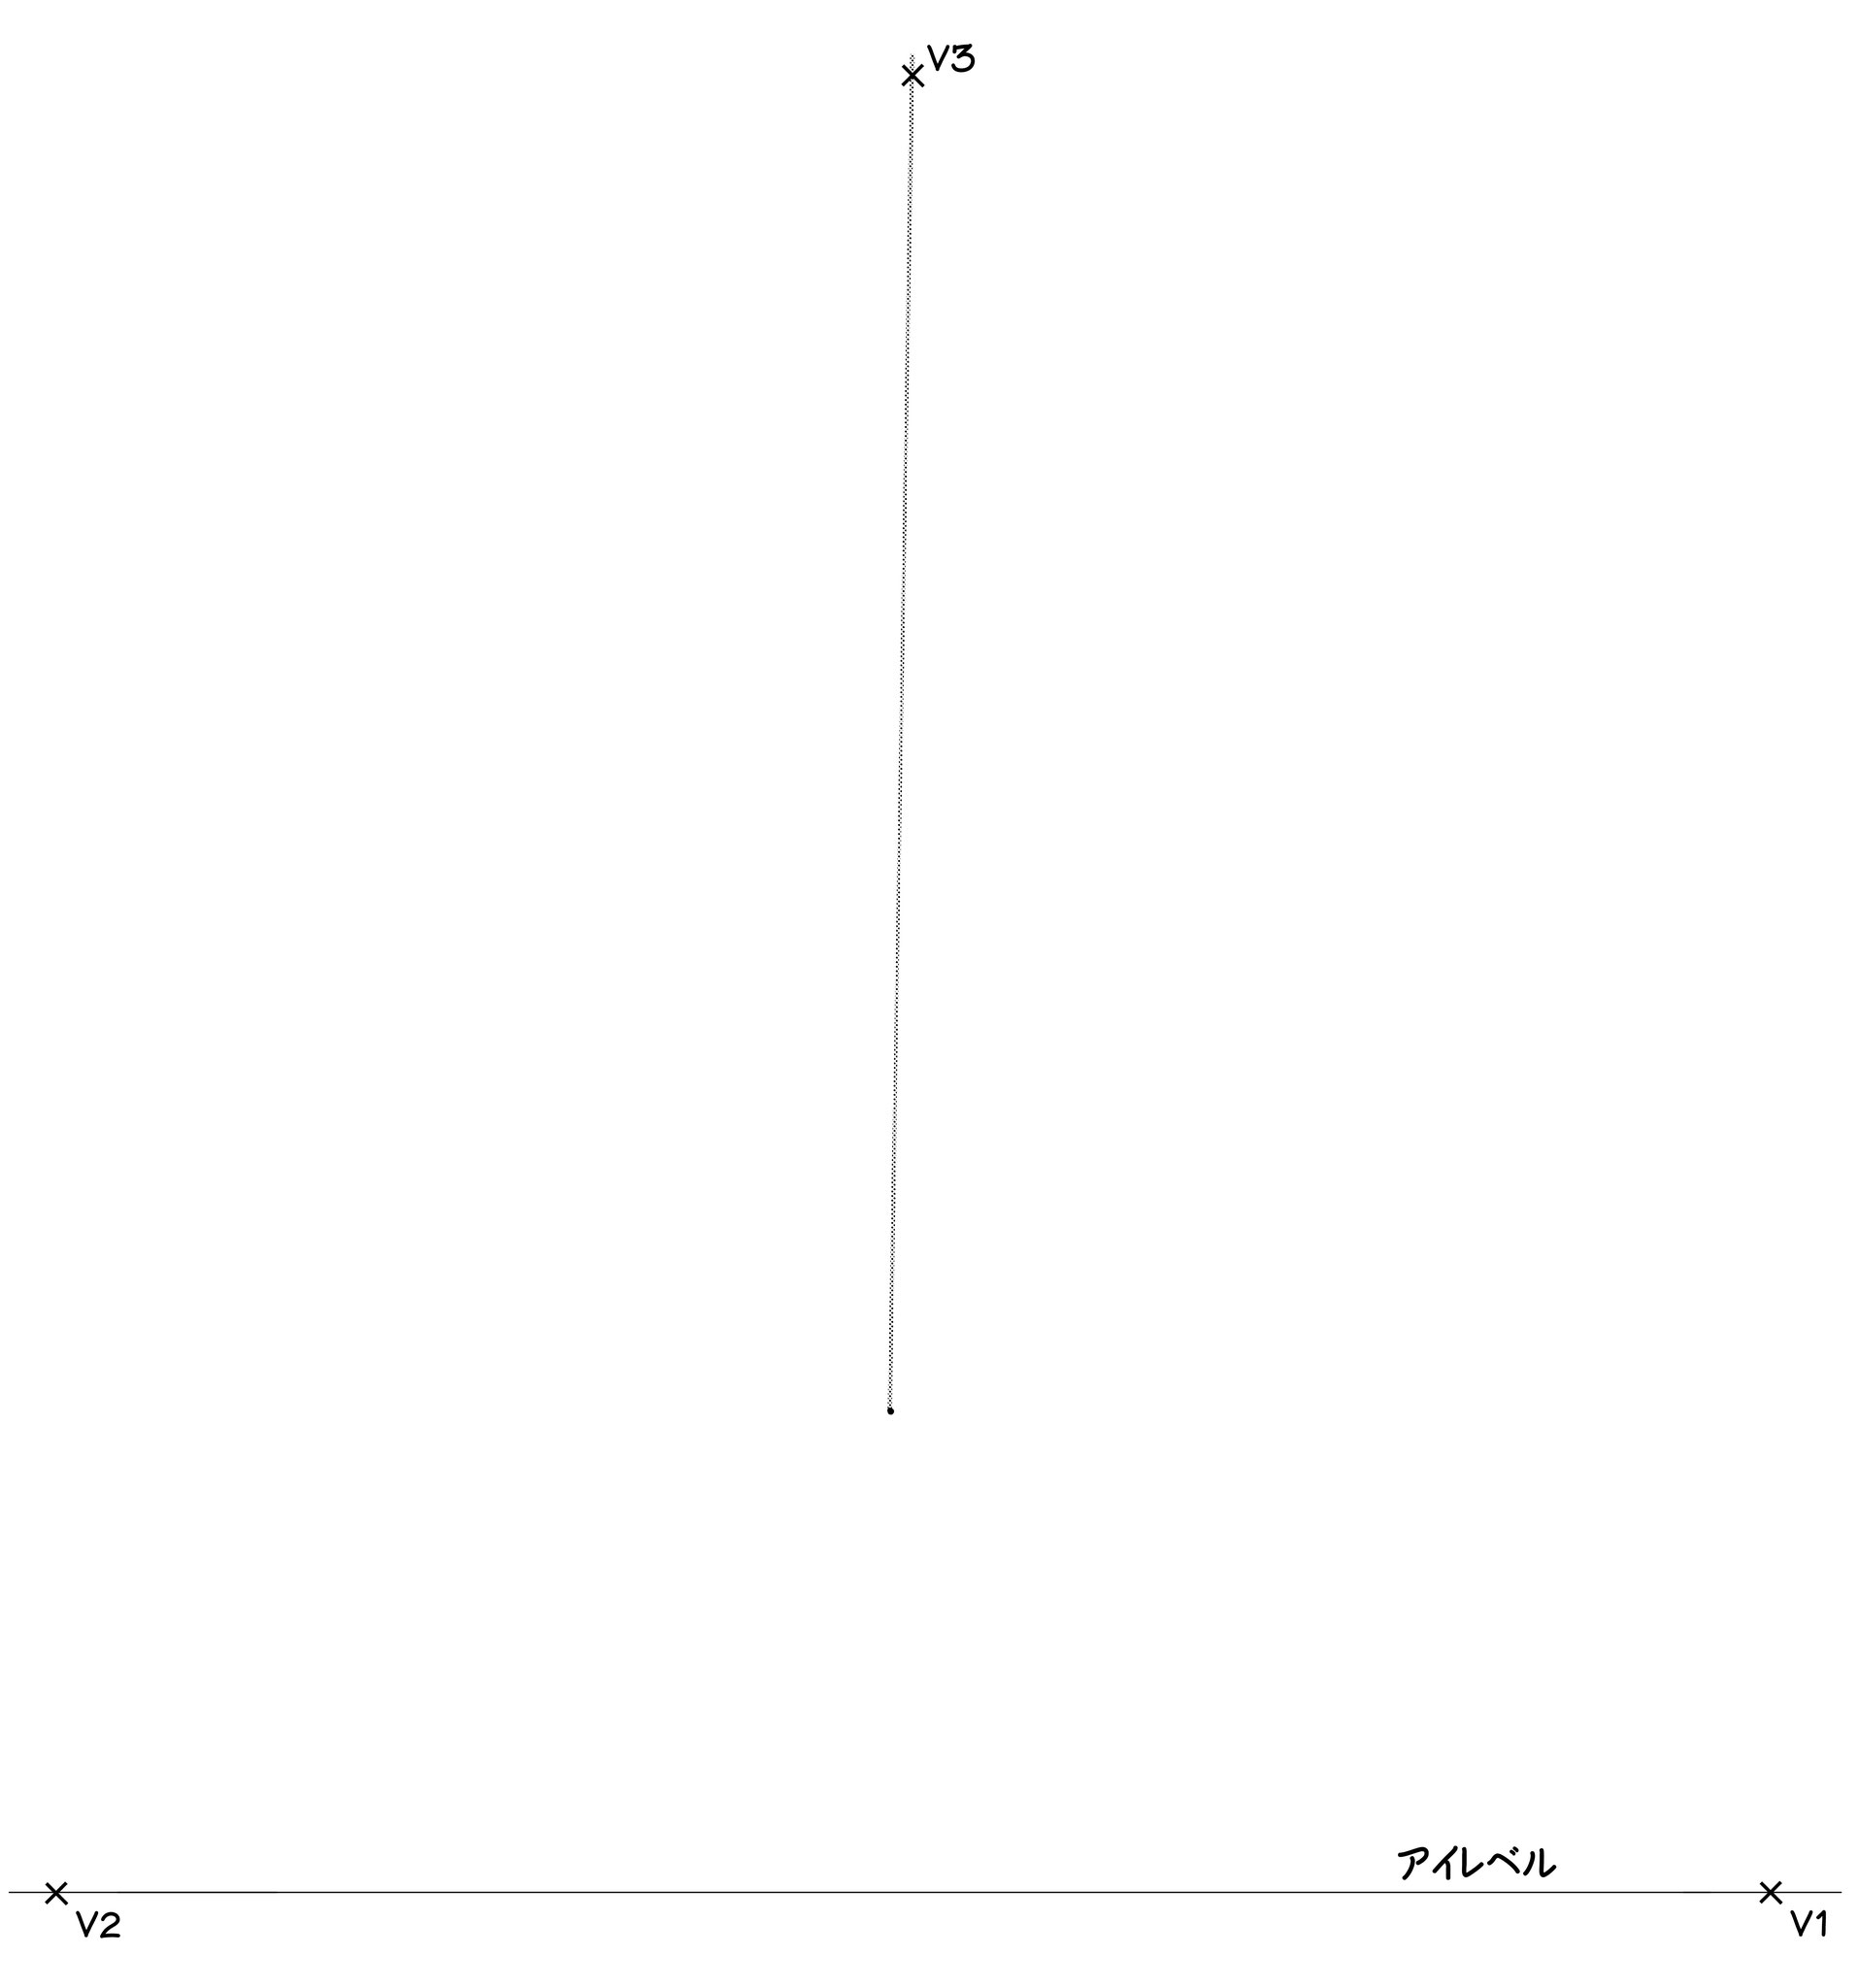 ③角からV3に向かって高さ方向の補助線を引きます。